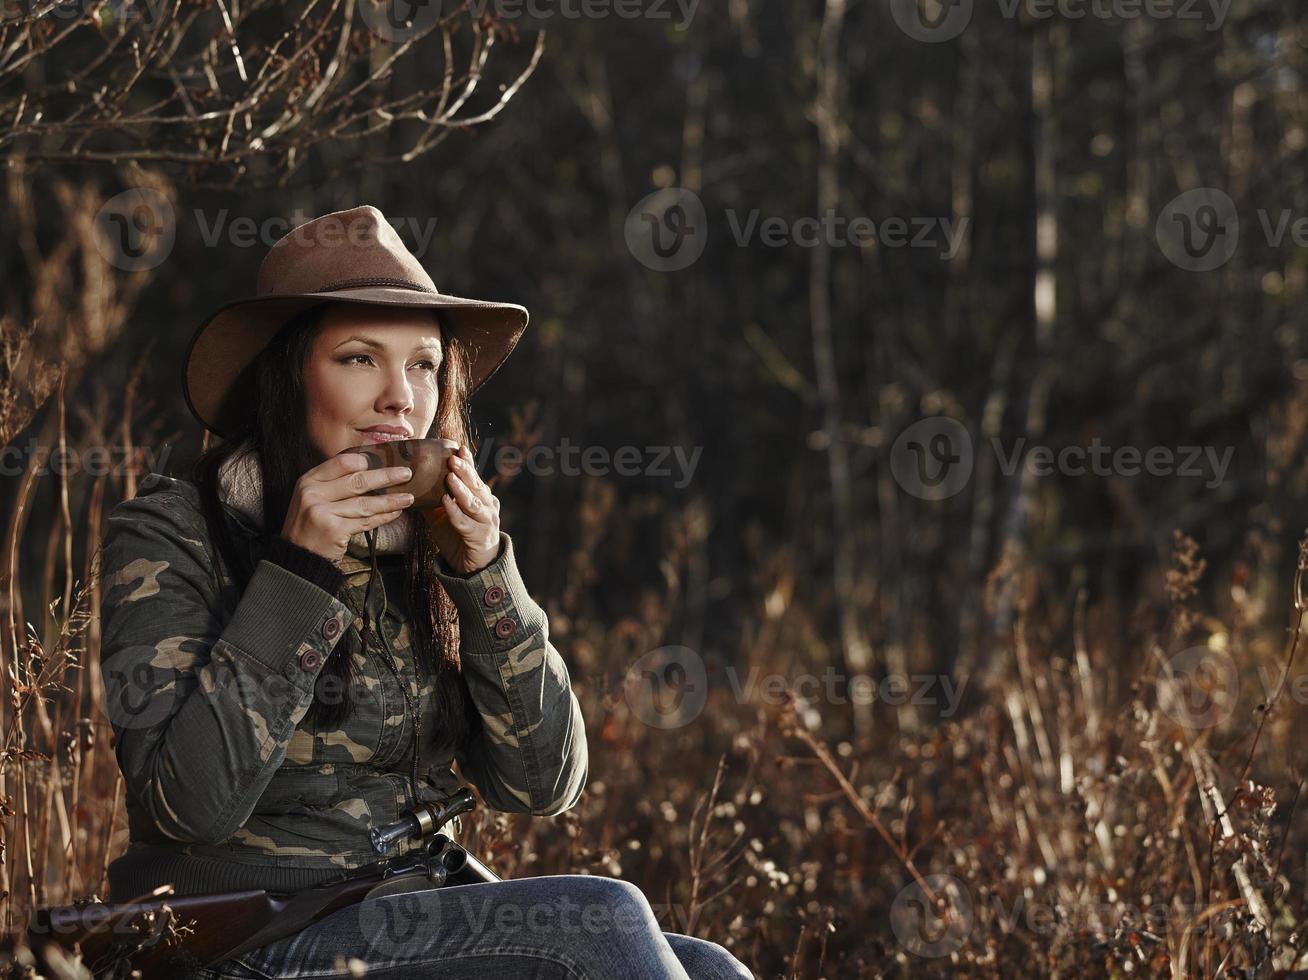 vrouwelijke eendenjager foto